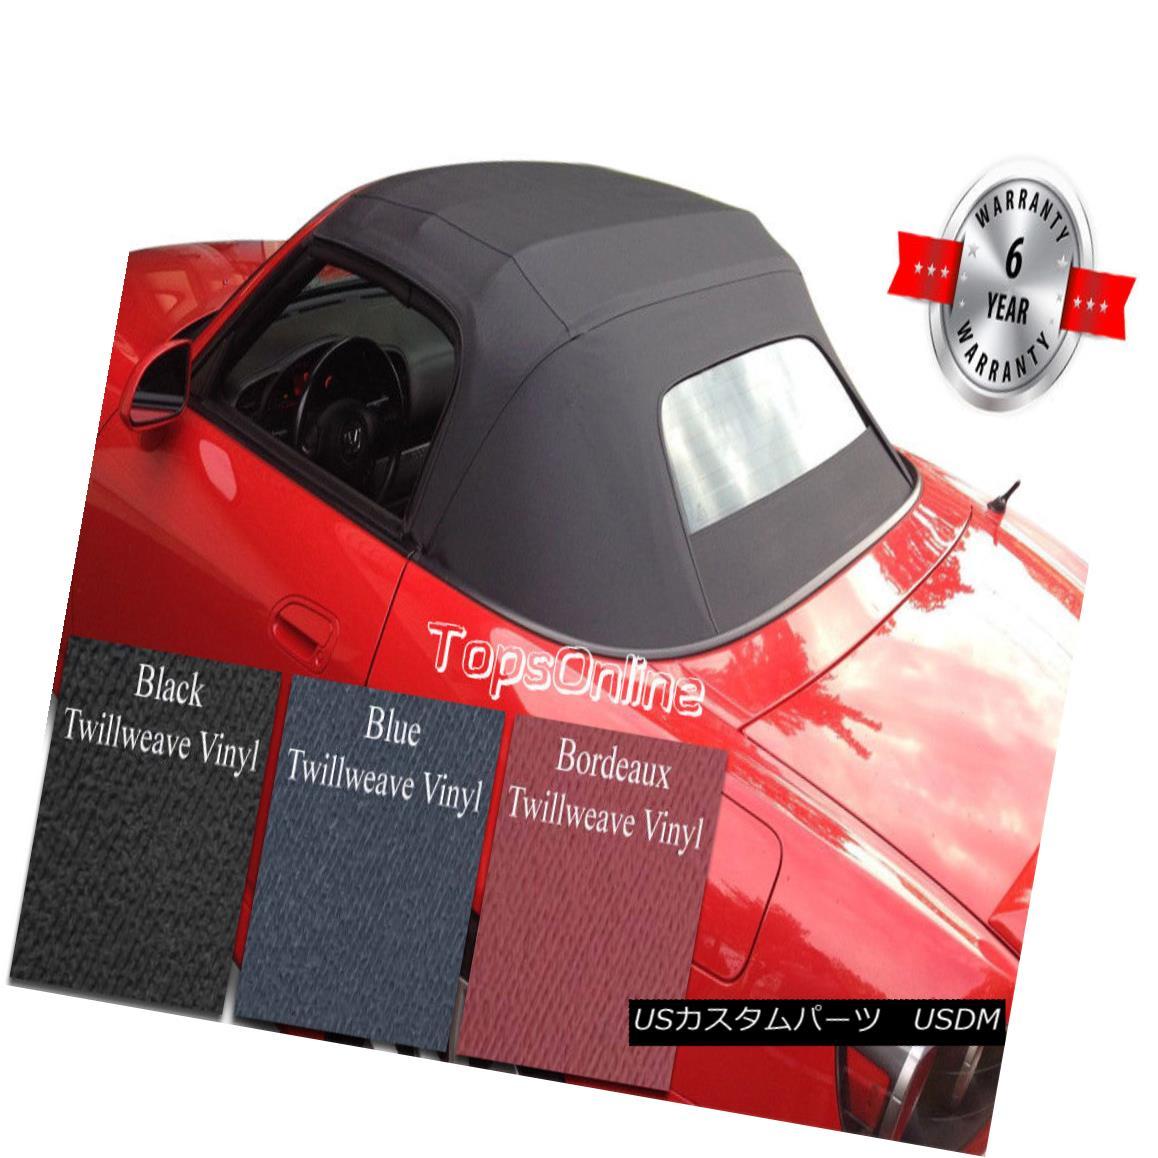 幌・ソフトトップ Honda S2000 Convertible Soft Top W/Heated Glass & Video, Twillweave Vinyl 02-09 ホンダS2000コンバーチブルソフトトップW /暖房ガラス& ビデオ、ツイル織りのビニール02-09